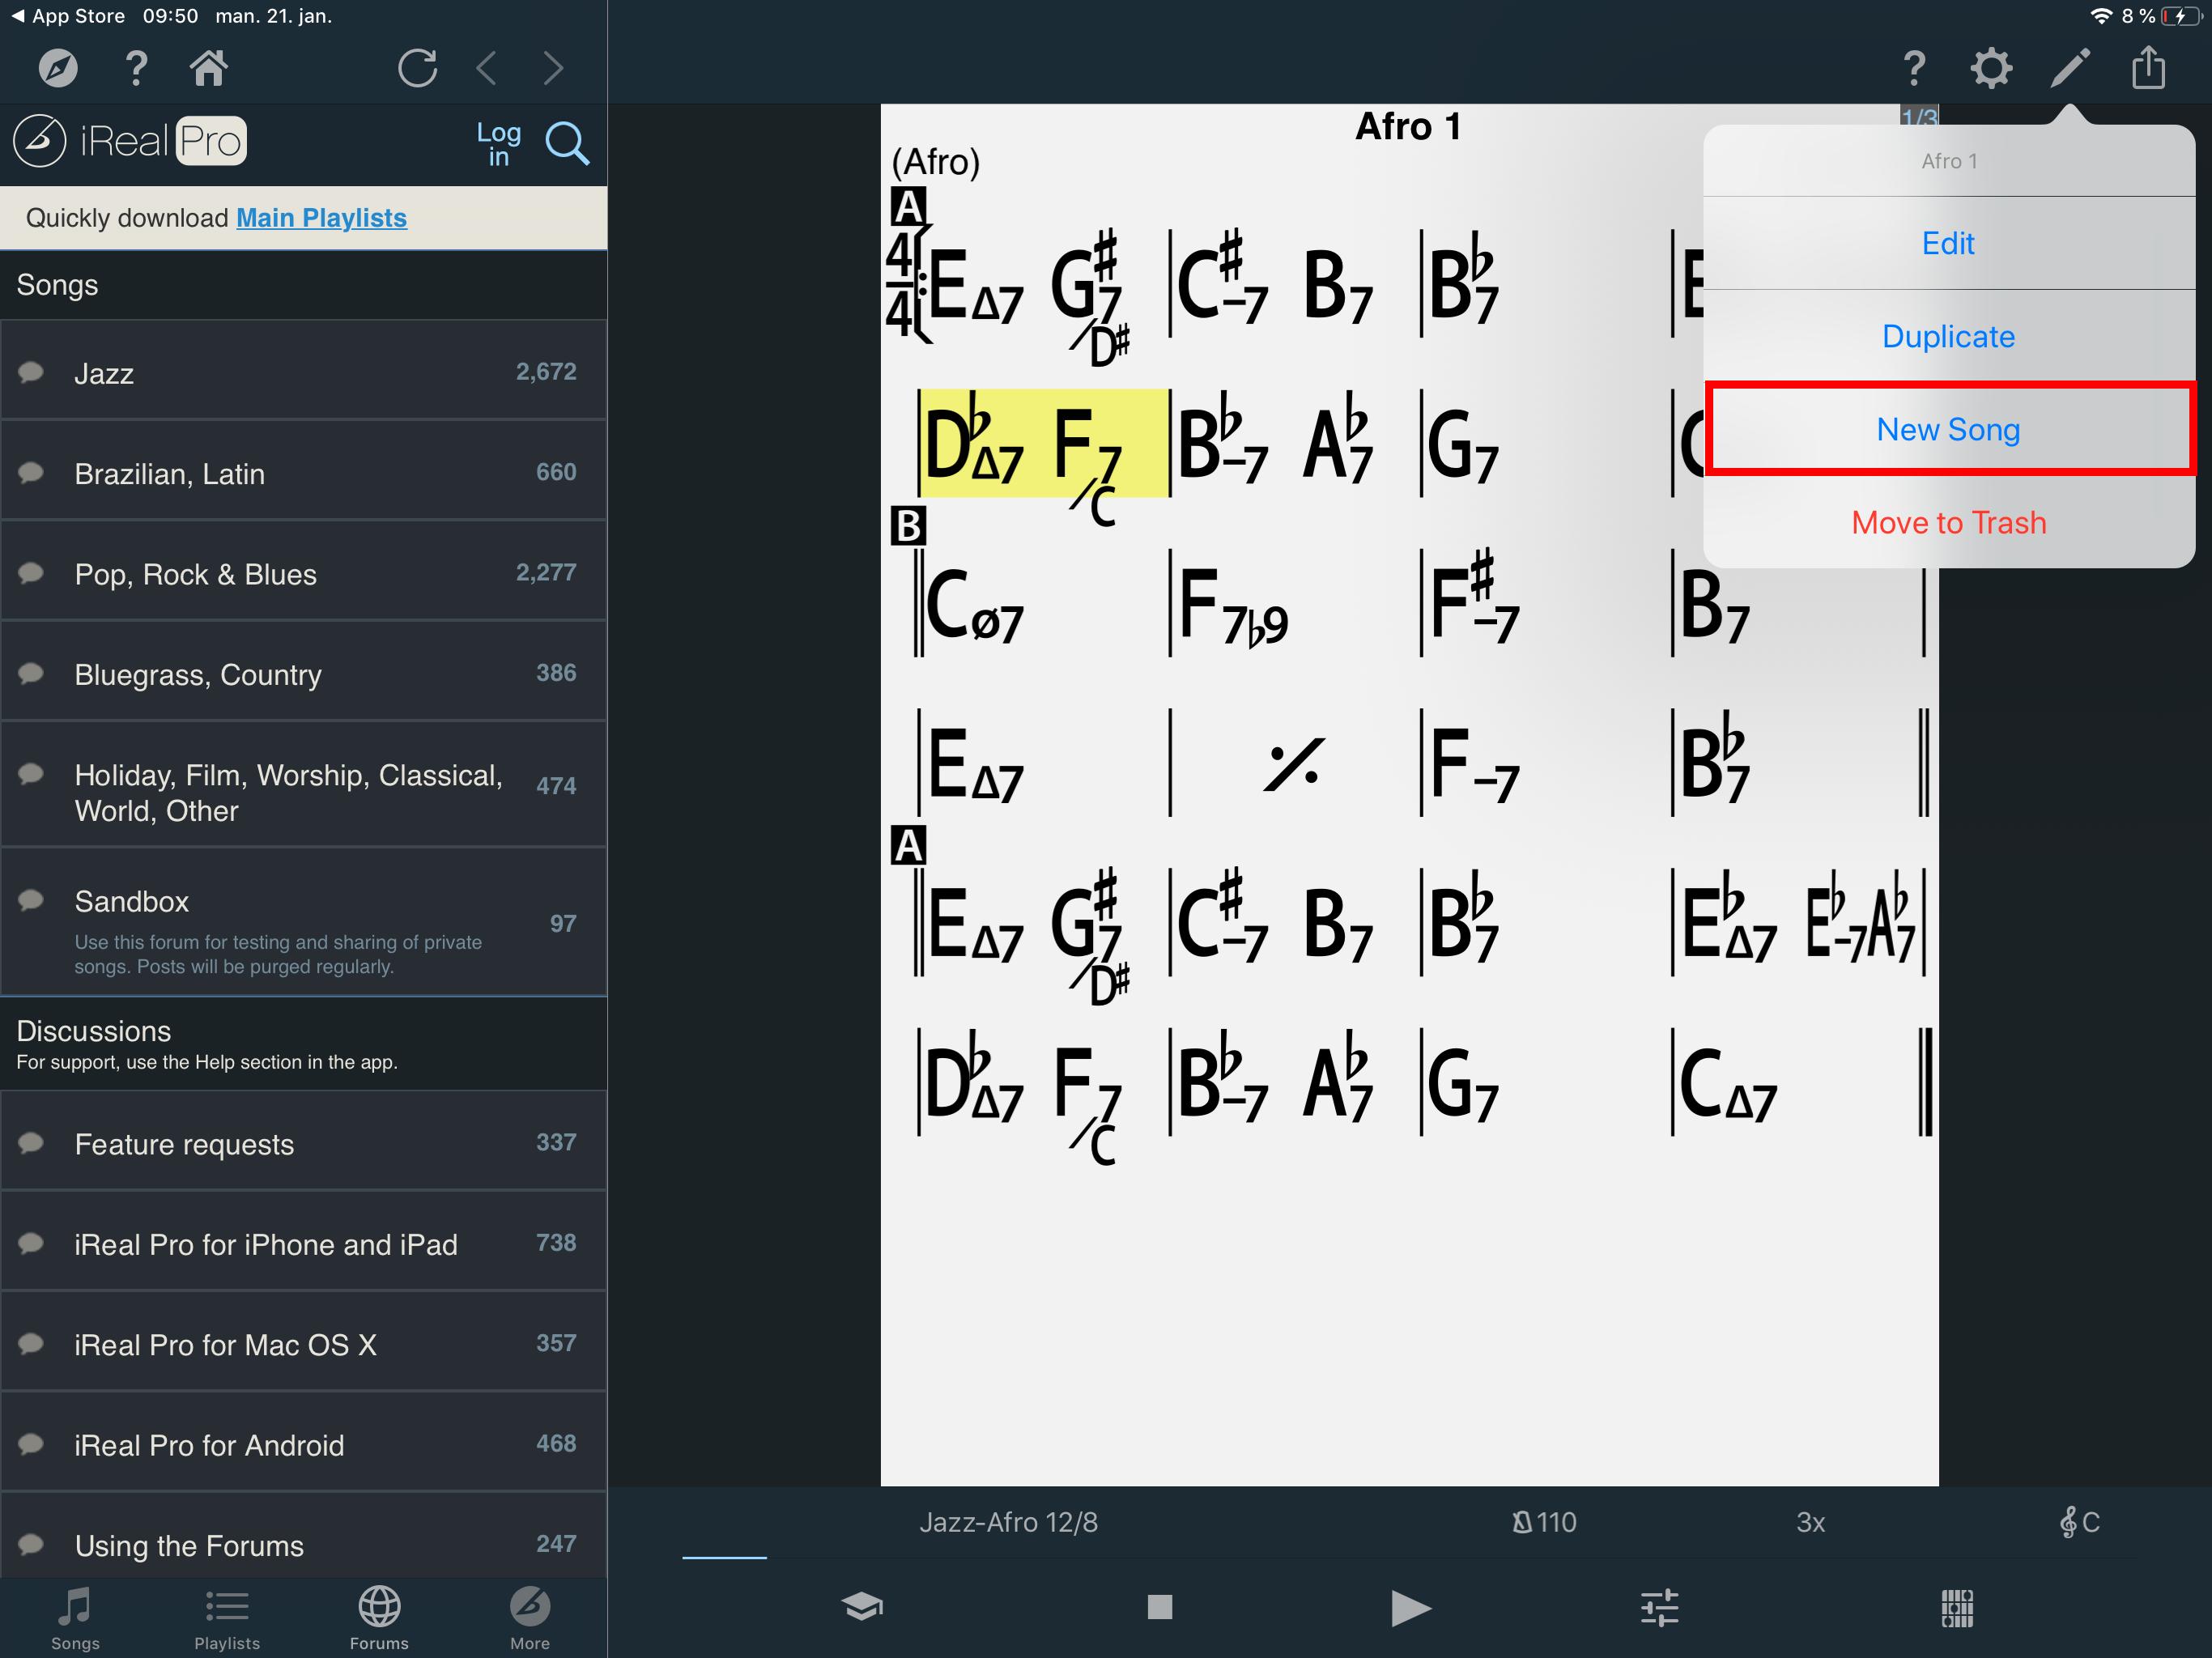 En screengrab fra appen iReal Pro til IOS, knapp for ny fil er framhevet